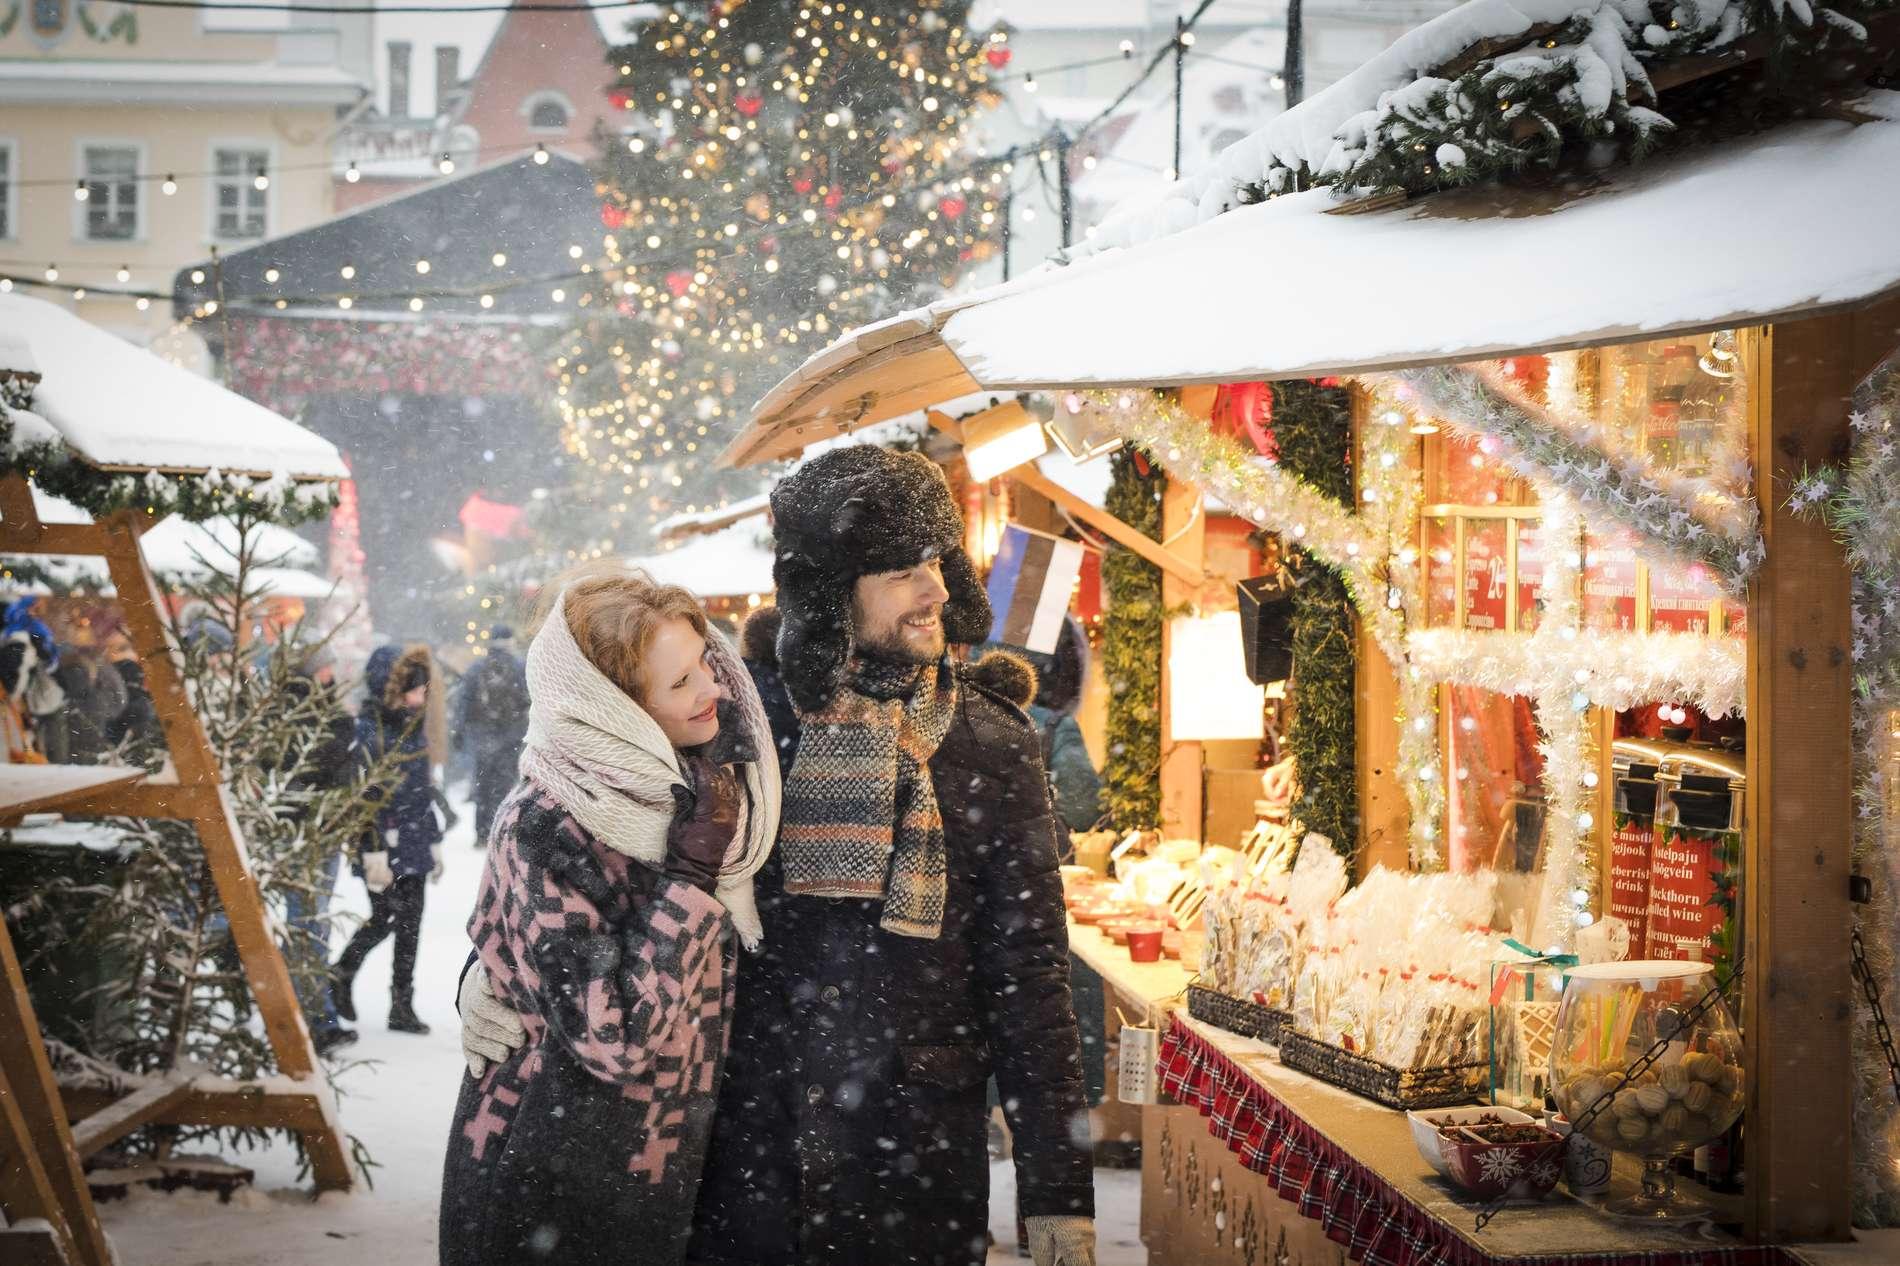 Weihnachten in Tallinn - VisitTallinn